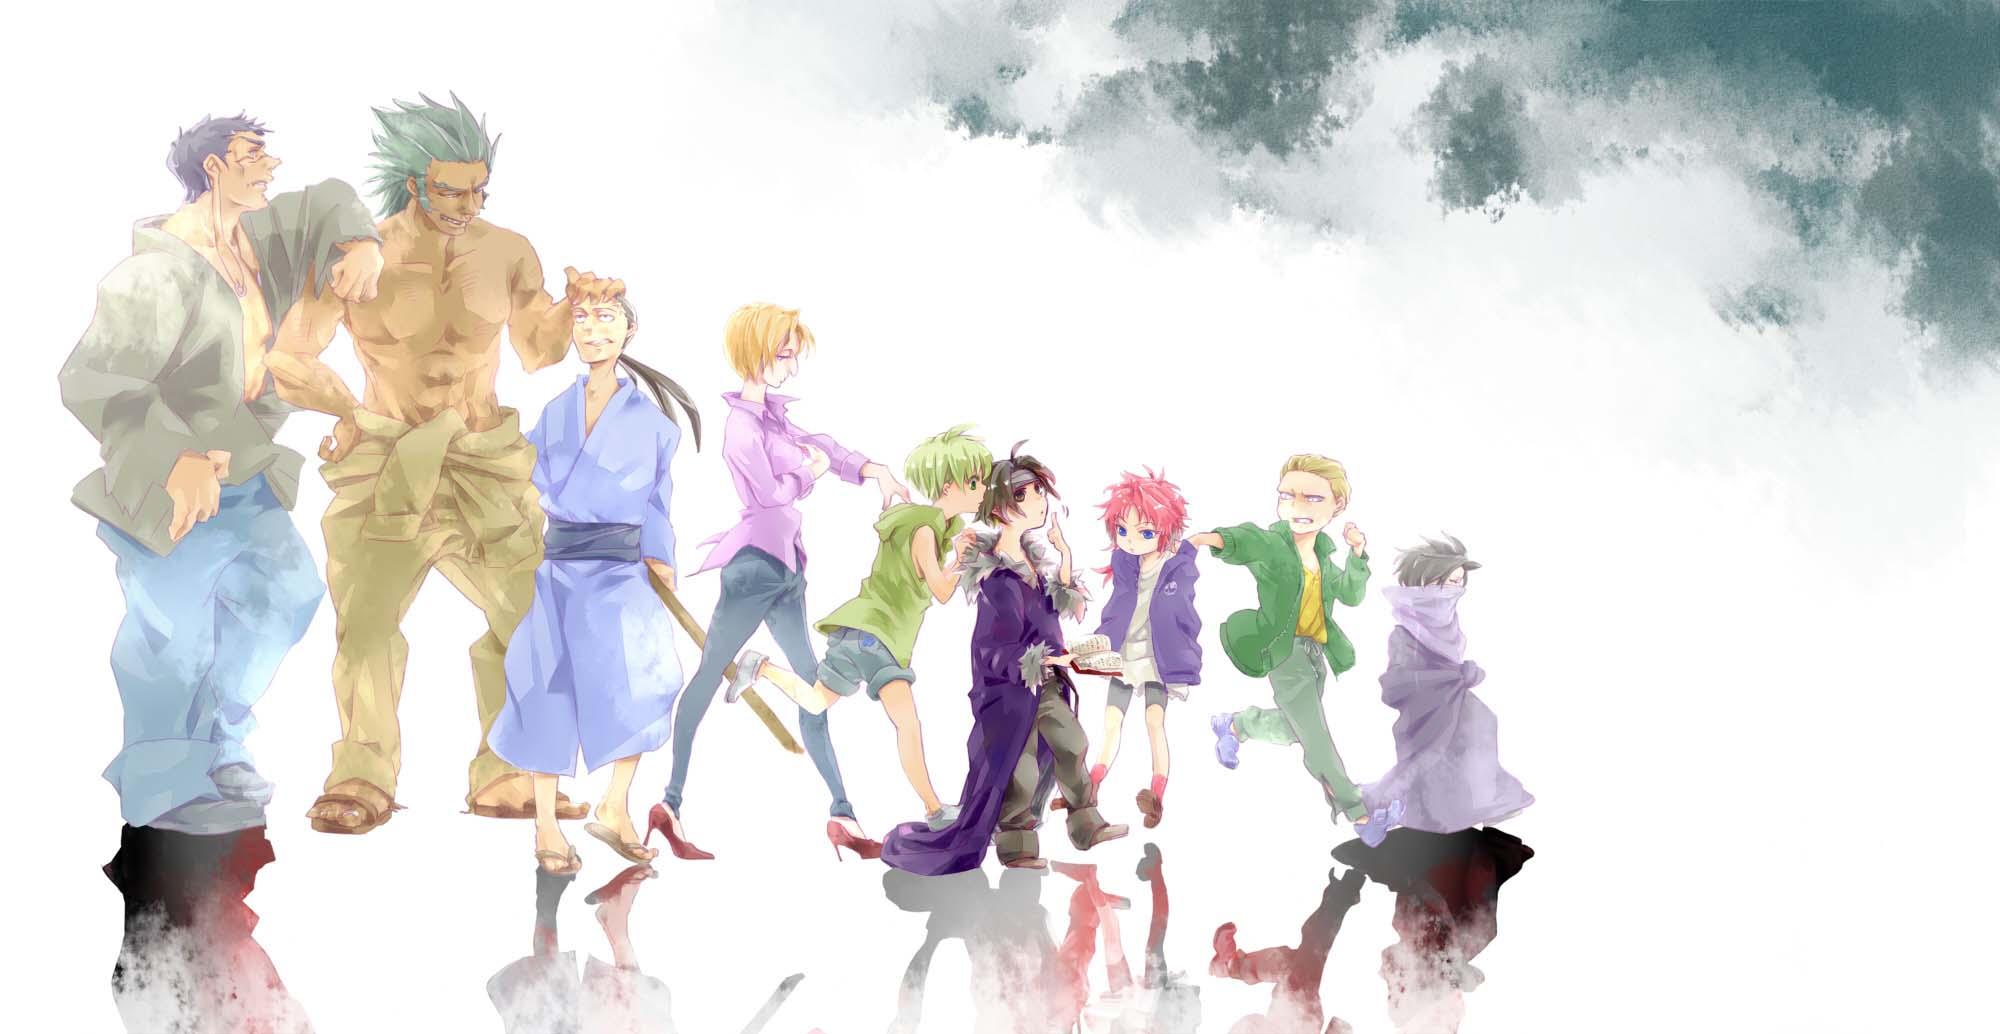 Fun anime wallpaper